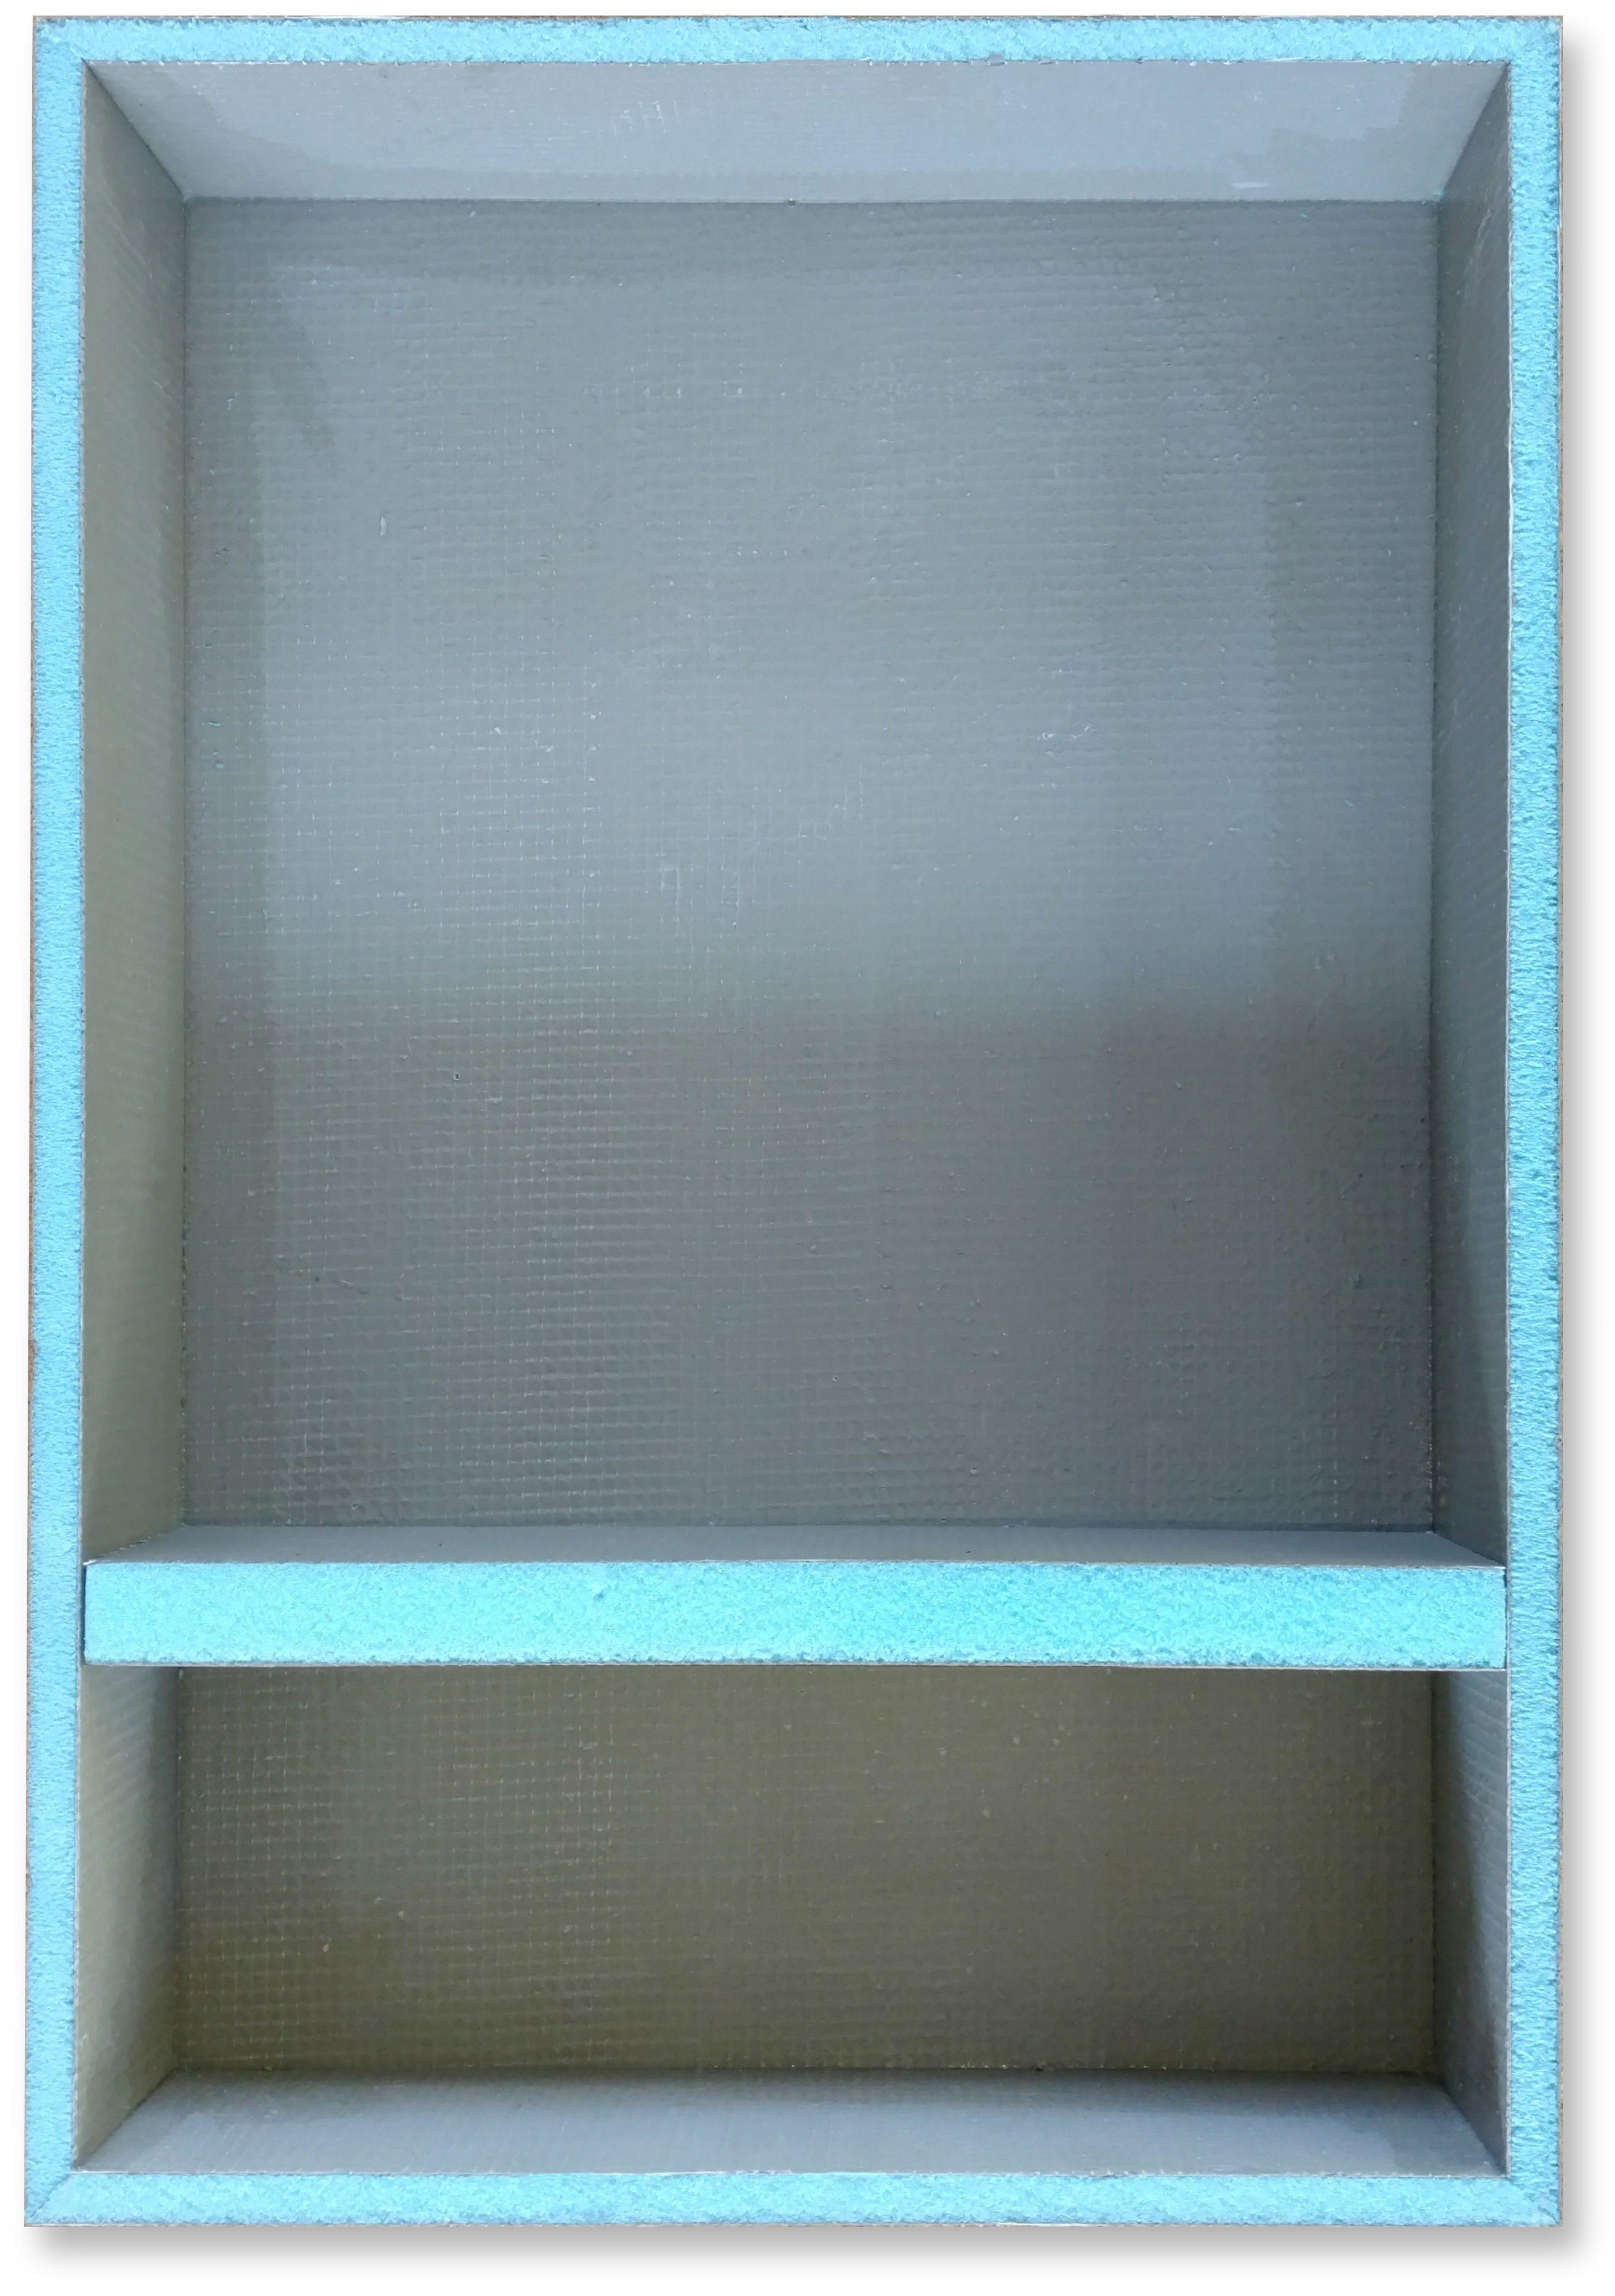 13 X 20 Shower Truniche 67 Shower Niche Master Bath Remodel Shower